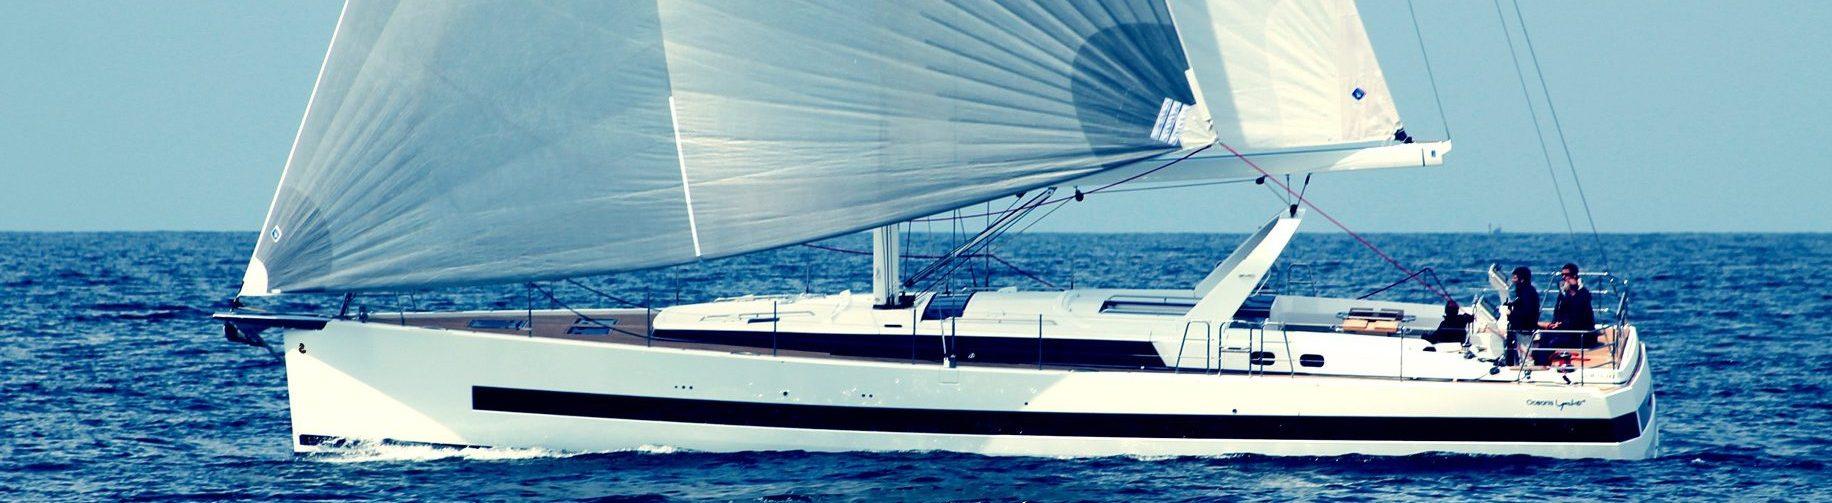 Beneteau Oceanis yacht 62 on open water